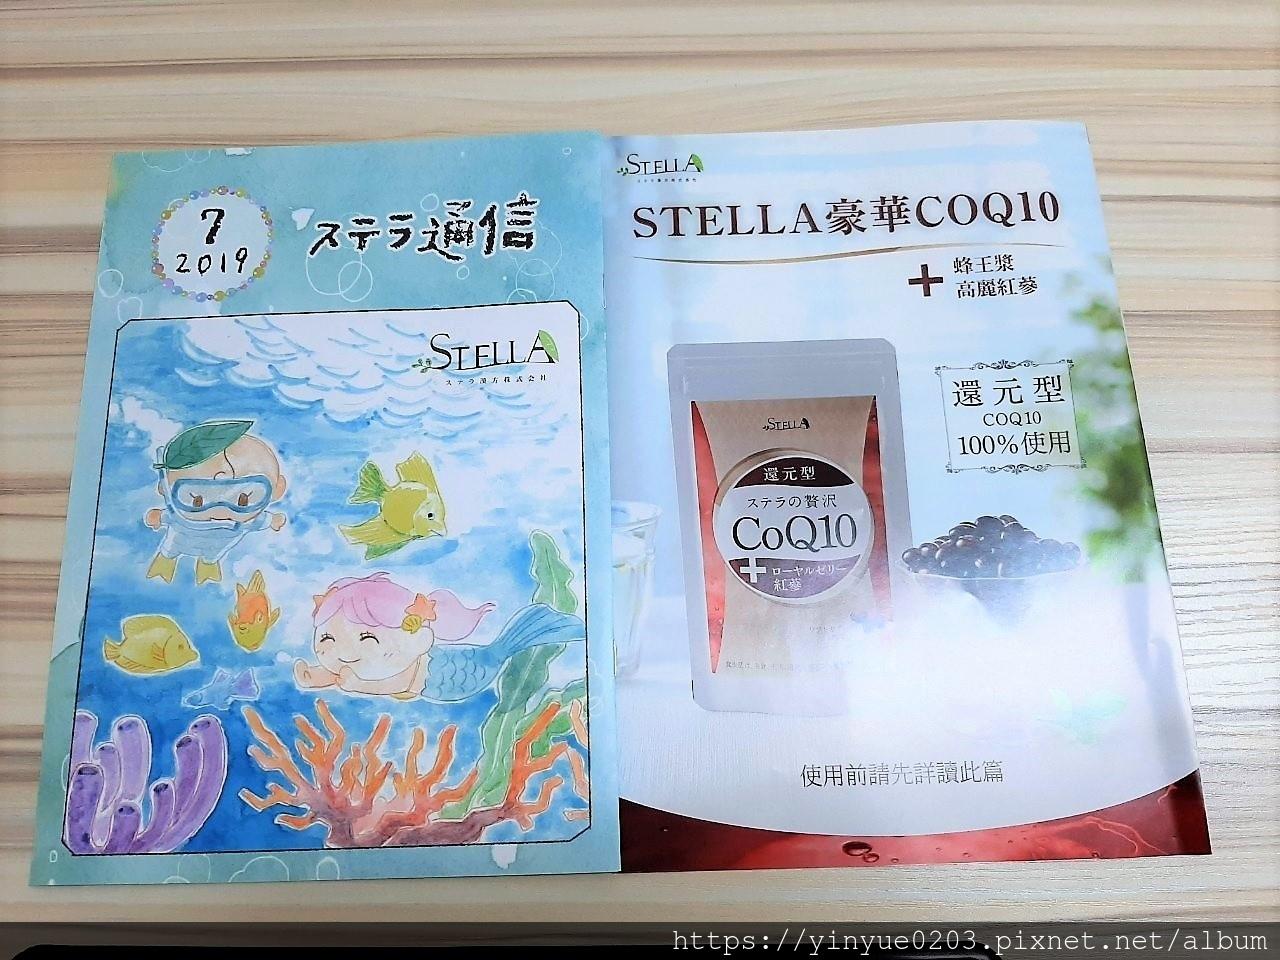 STELLA豪華COQ10附贈的期刊與使用說明